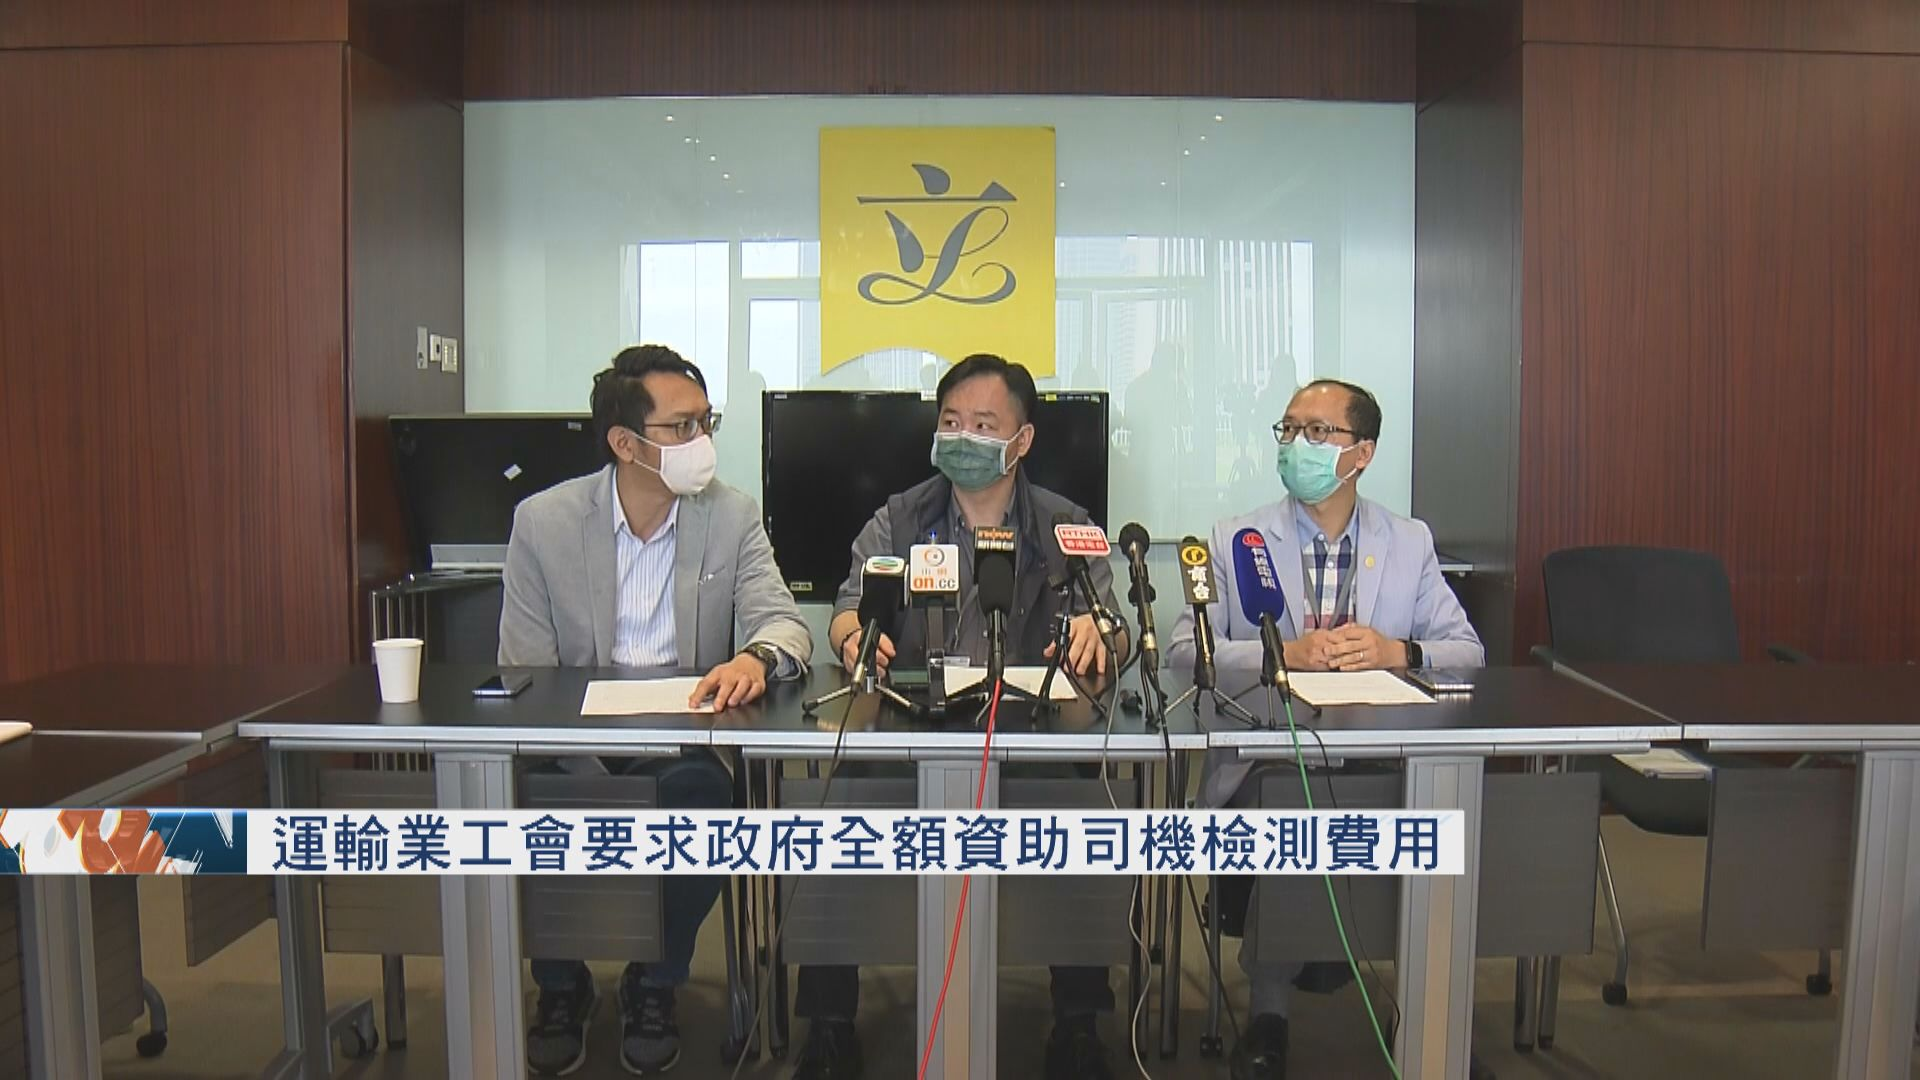 運輸業工會要求政府全額資助司機檢測費用